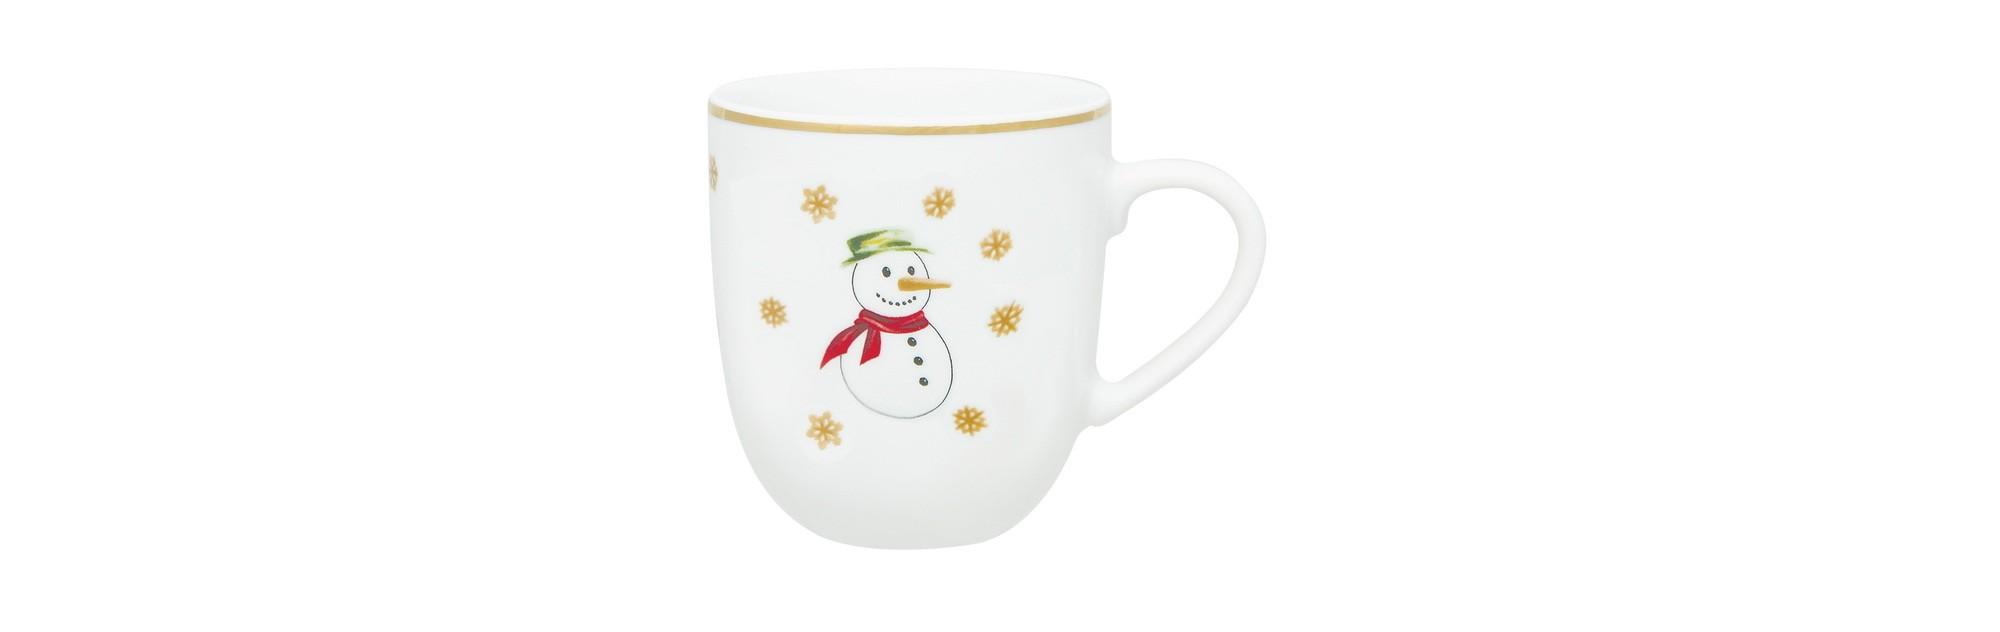 Κούπα Χιονάνθρωπος Noel Ionia home   ειδη cafe τσαϊ   κούπες   φλυτζάνια